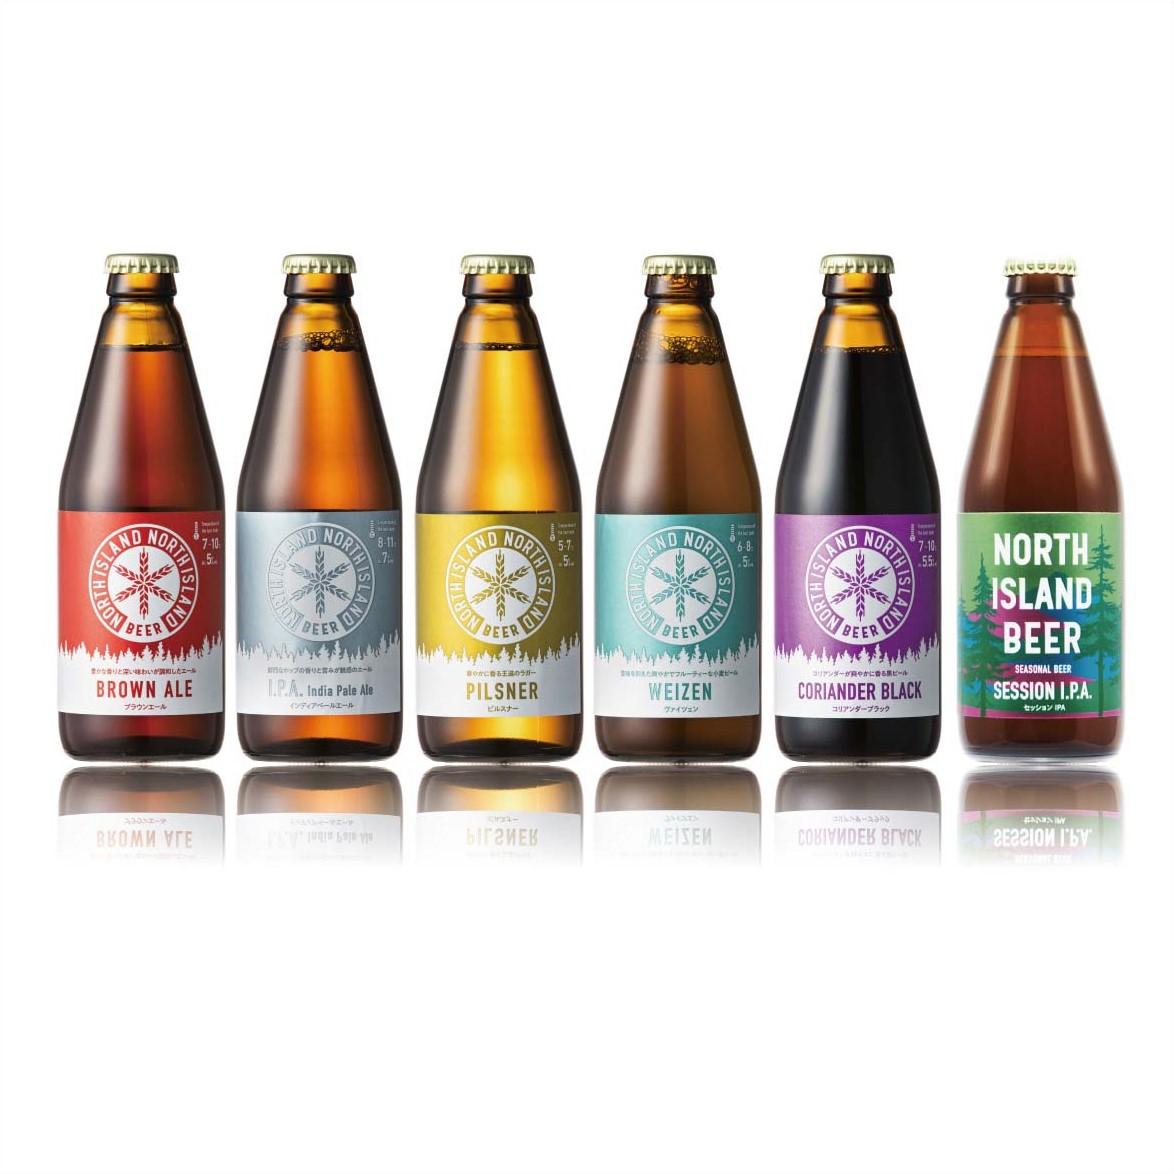 【5-6月】季節限定ビール付 飲み比べ24本セット